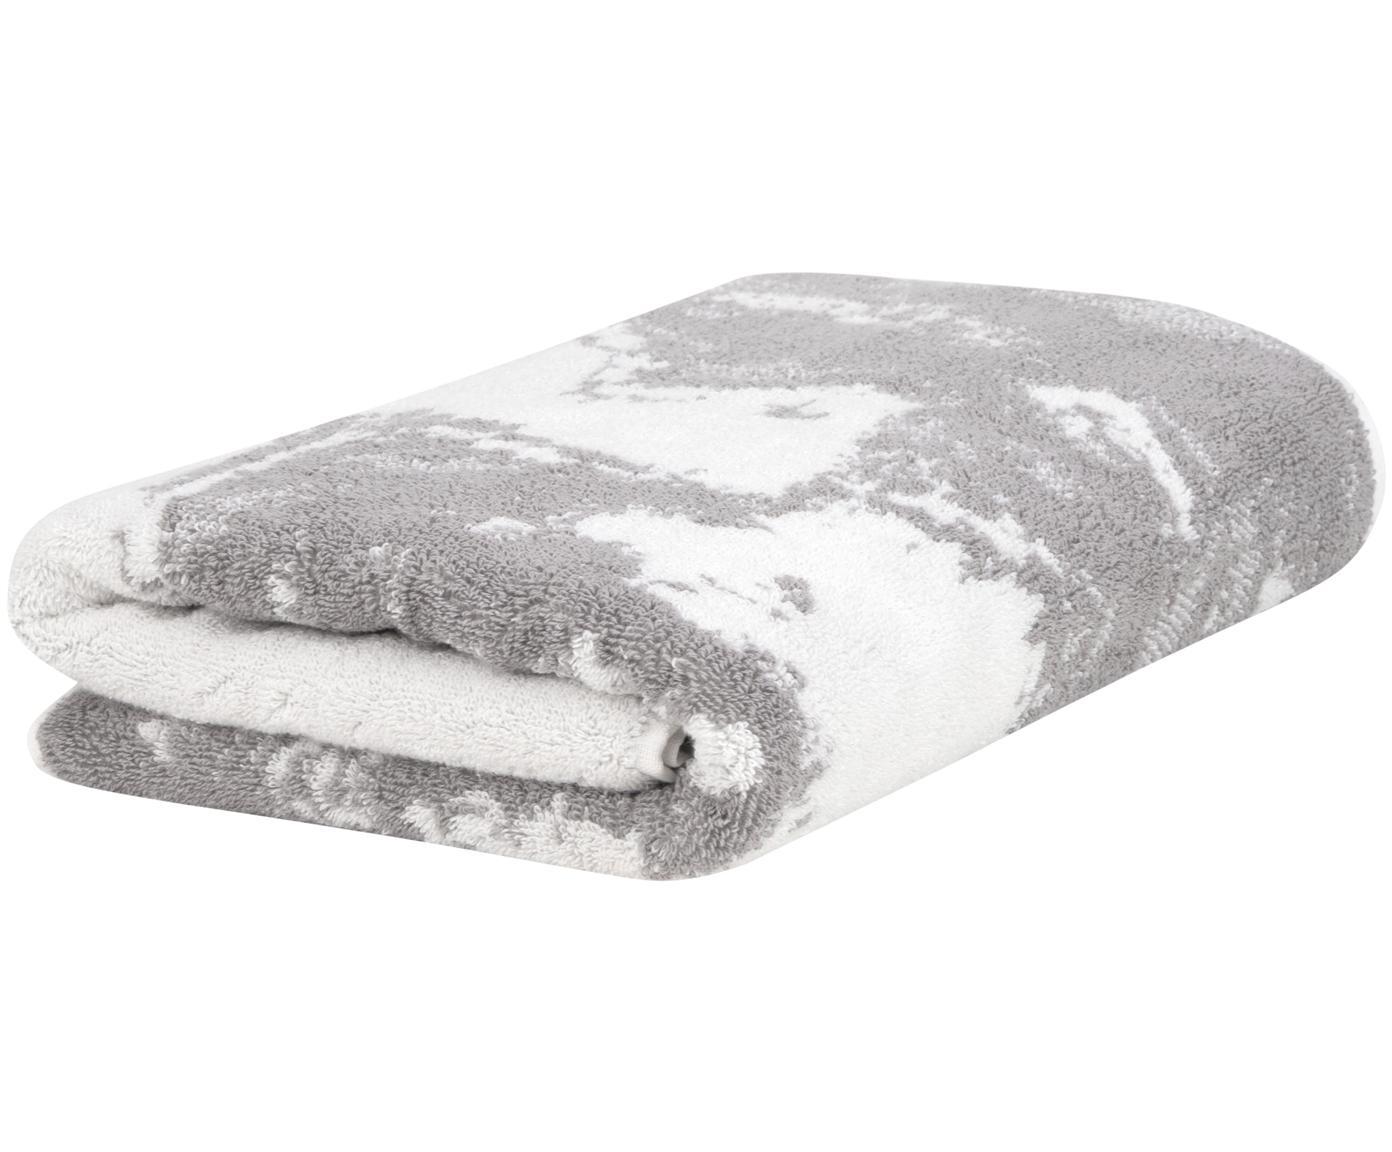 Handtuch Malin in verschiedenen Grössen, mit Marmor-Print, Grau, Cremeweiss, Gästehandtuch